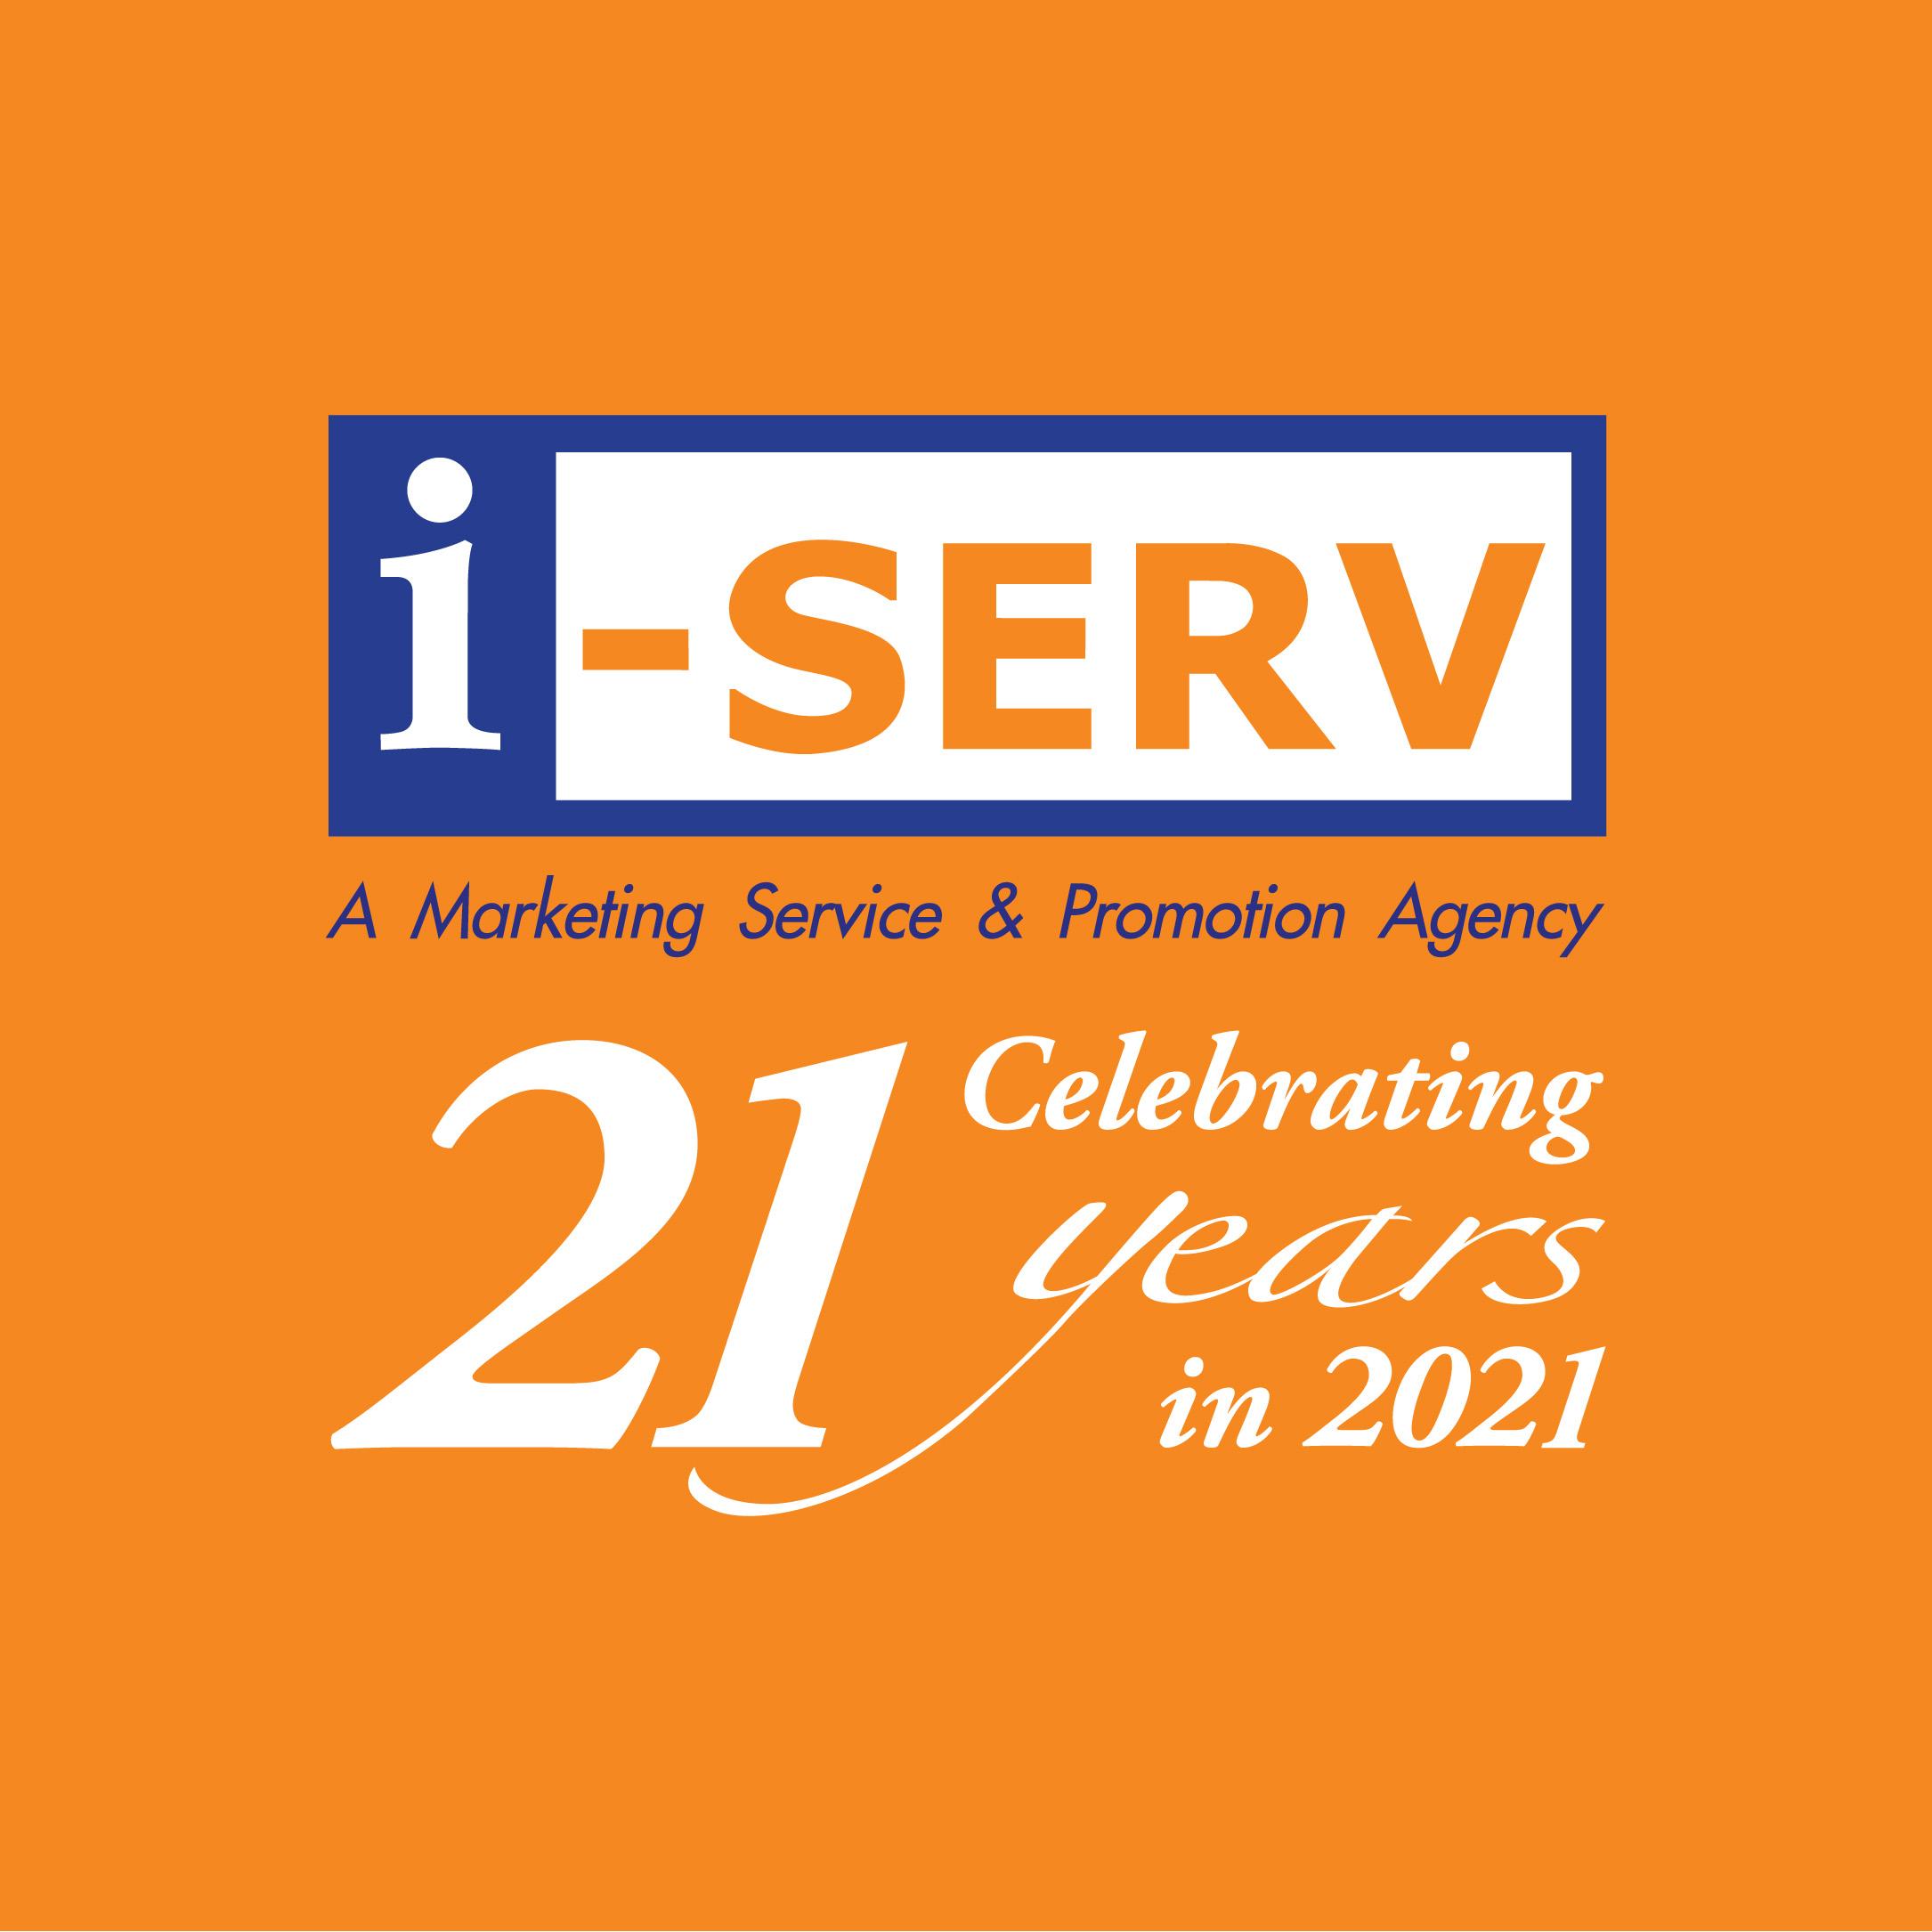 I-SERV